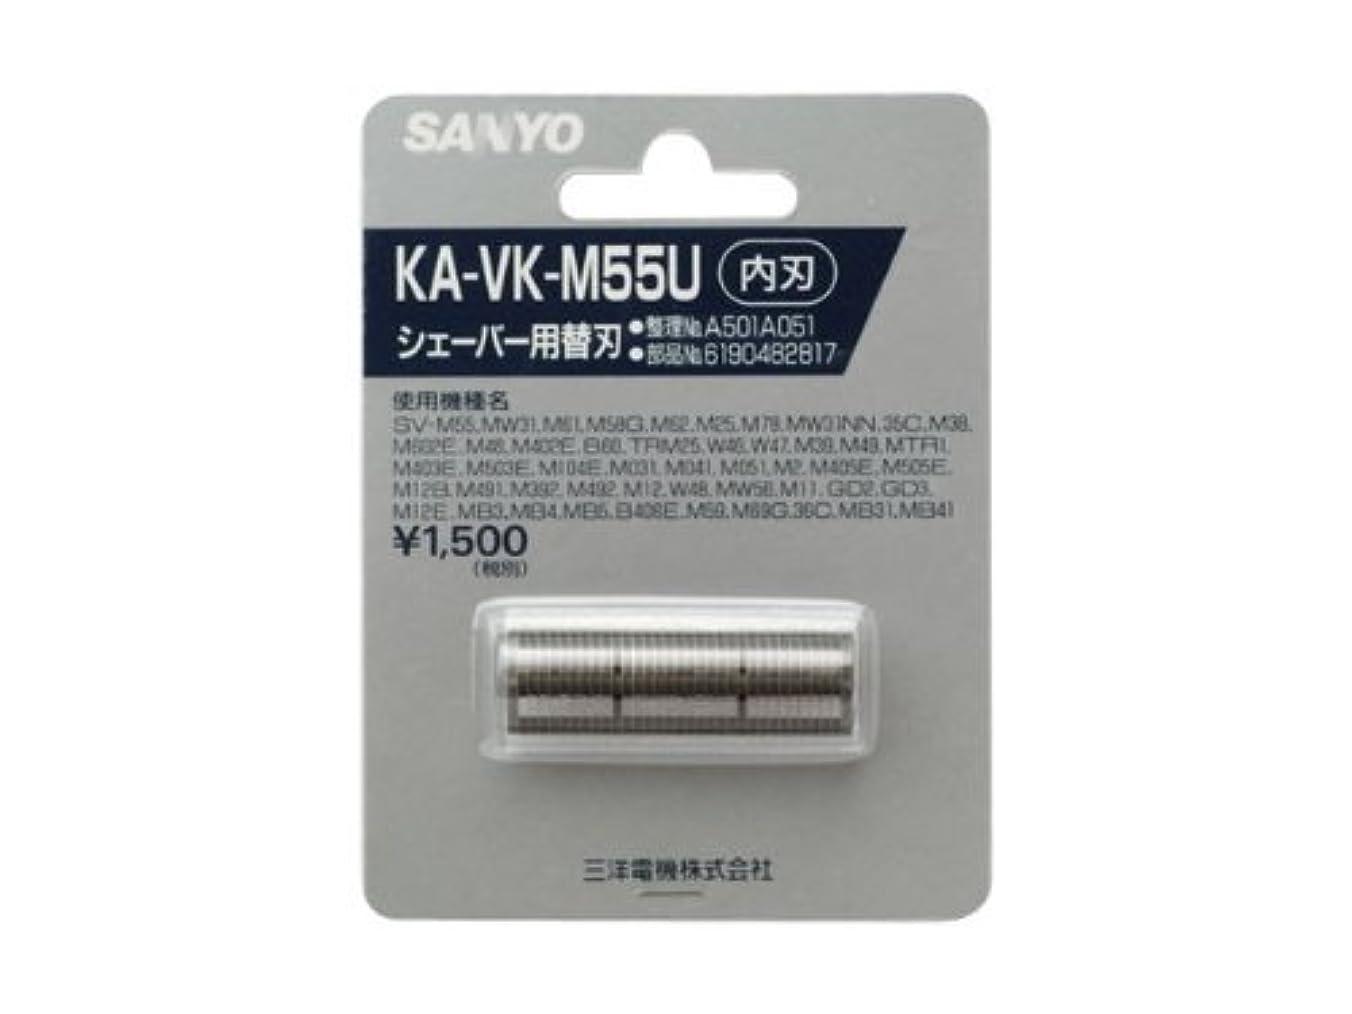 ゼロり鎮静剤Panasonic シェーバー用替刃 内刃 6190482817